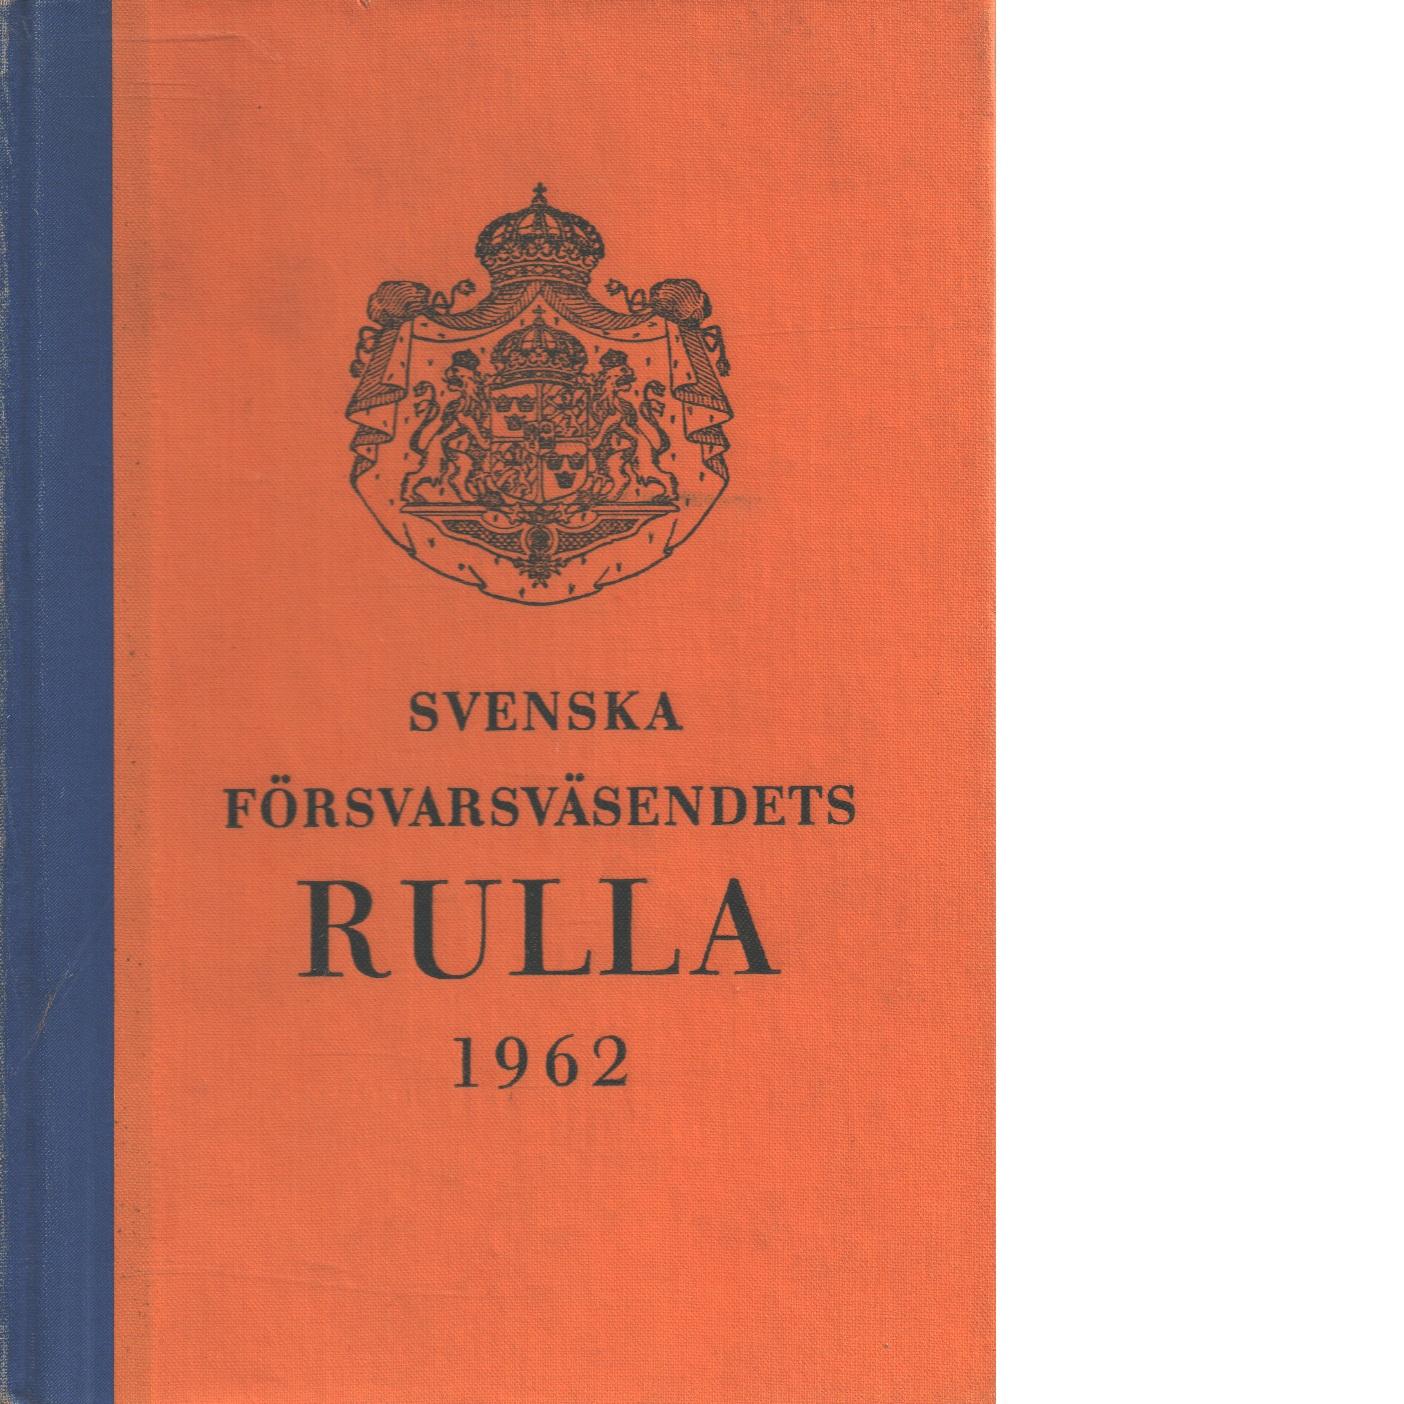 Svenska försvarsväsendets rulla. 1962 -